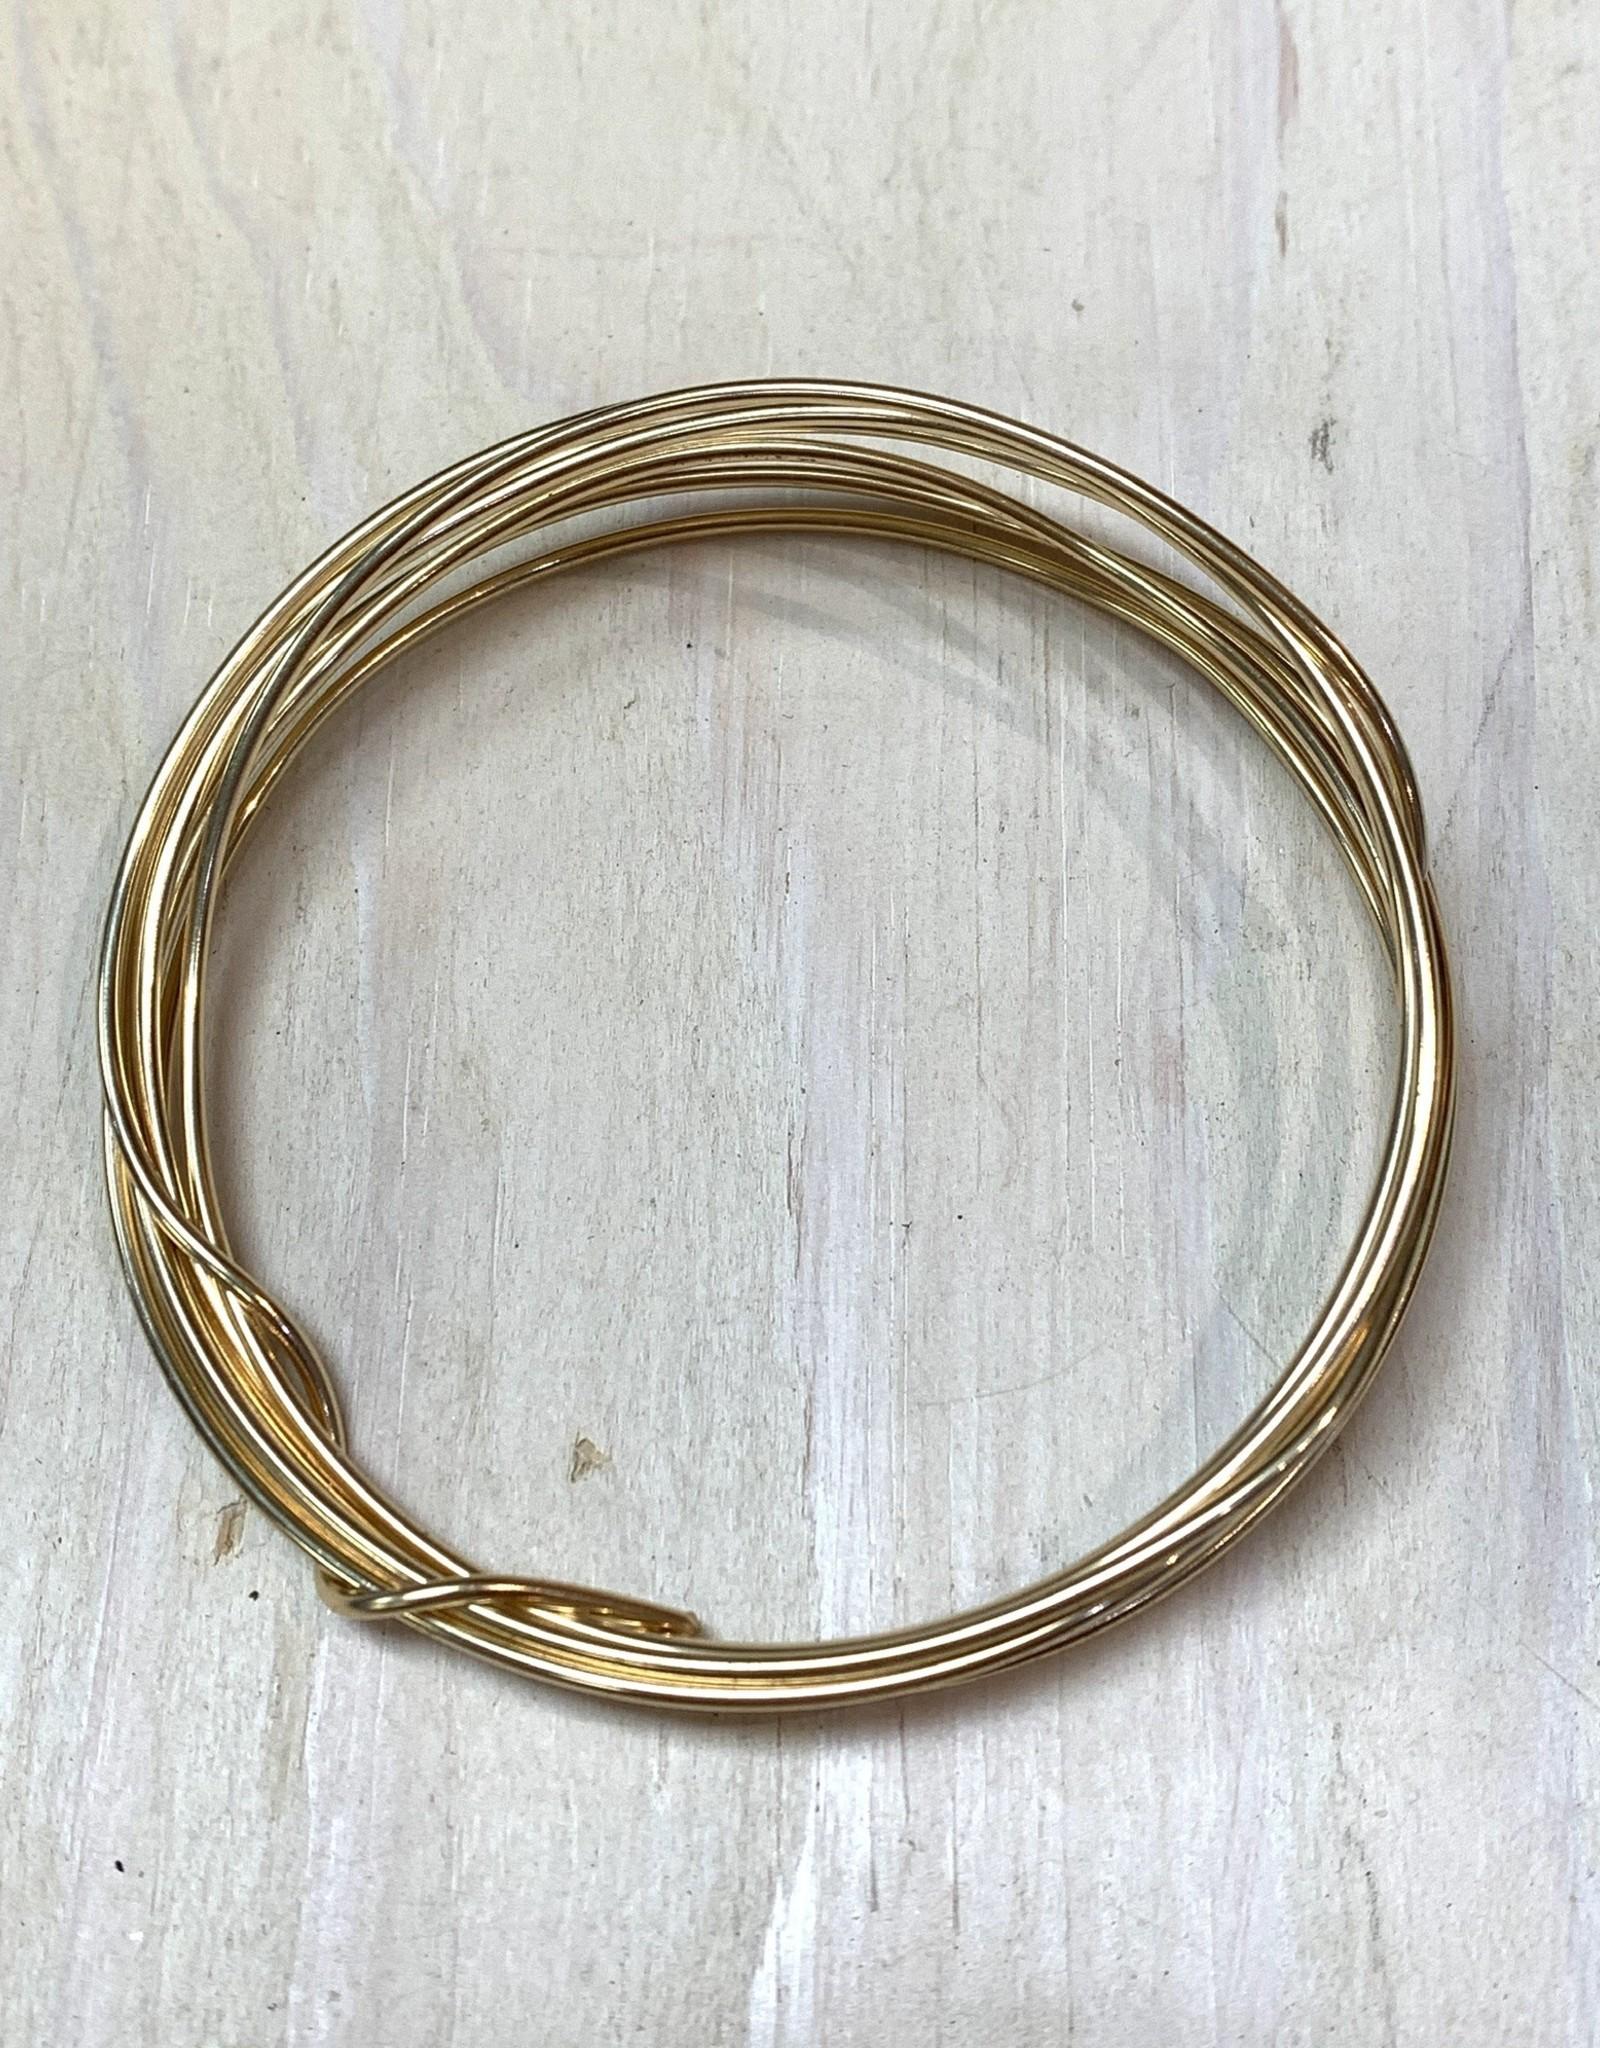 18ga Round Wire 14k Gold Filled HH 1oz